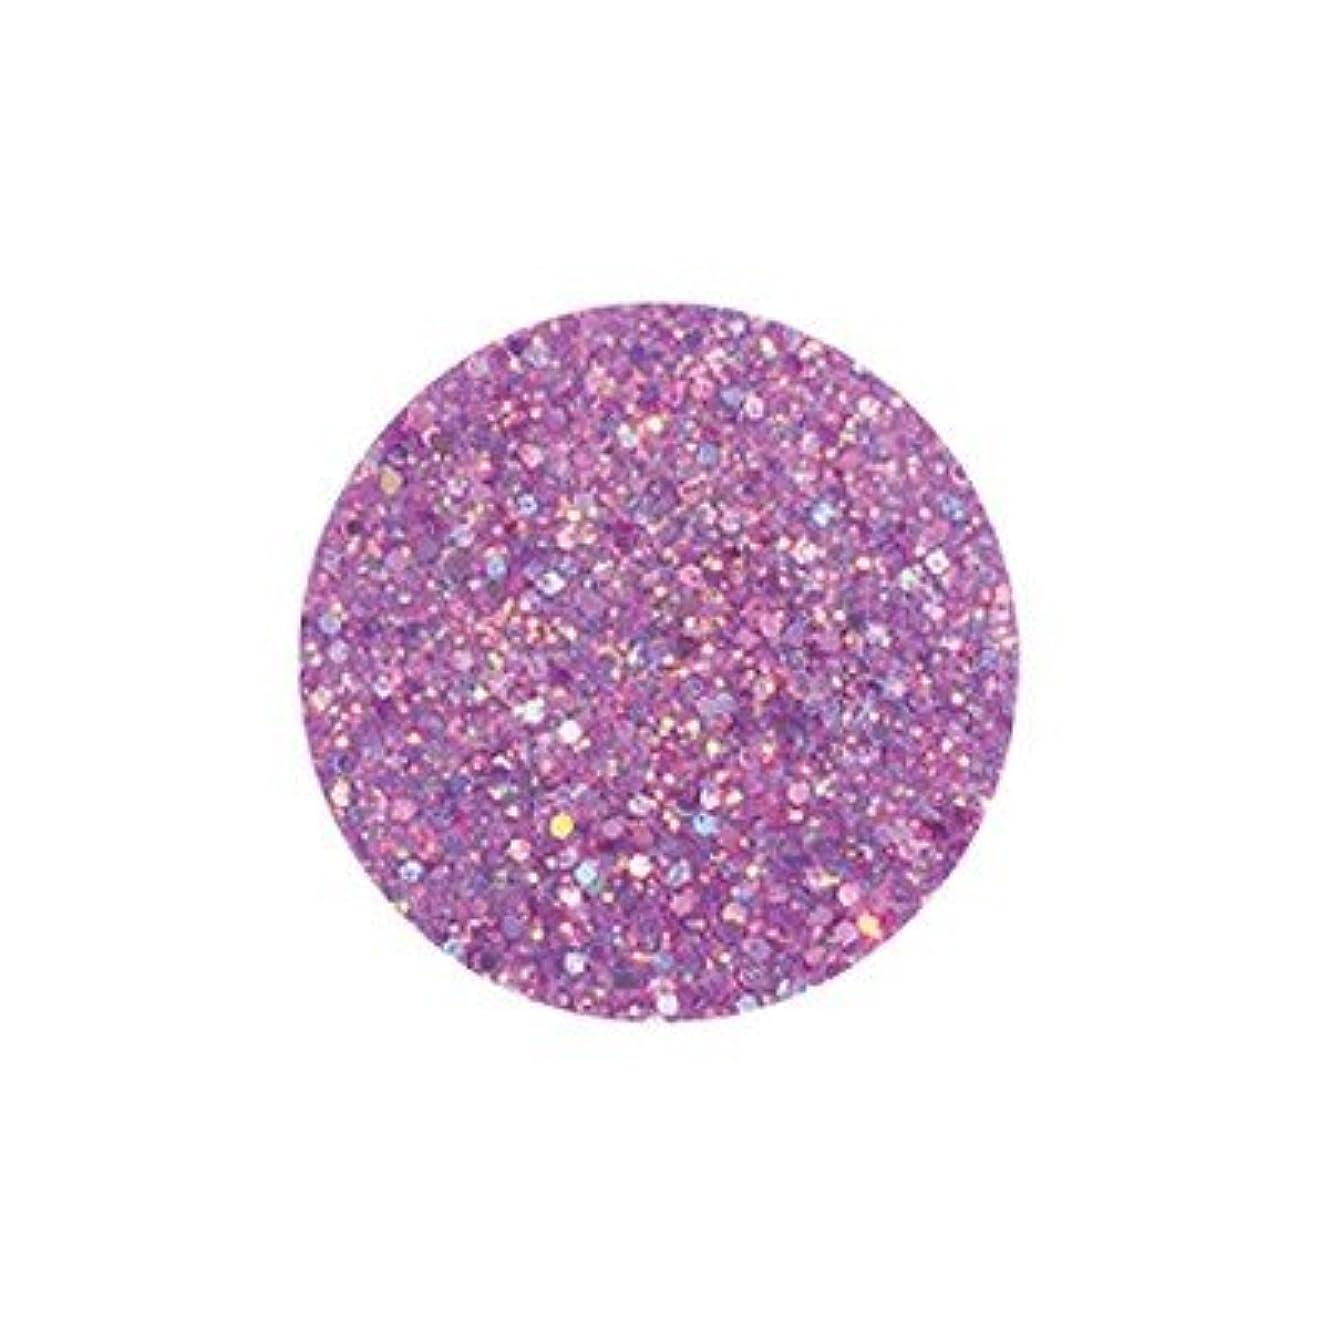 表向き防止外交官FANTASY NAIL ダイヤモンドコレクション 3g 4258XS カラーパウダー アート材